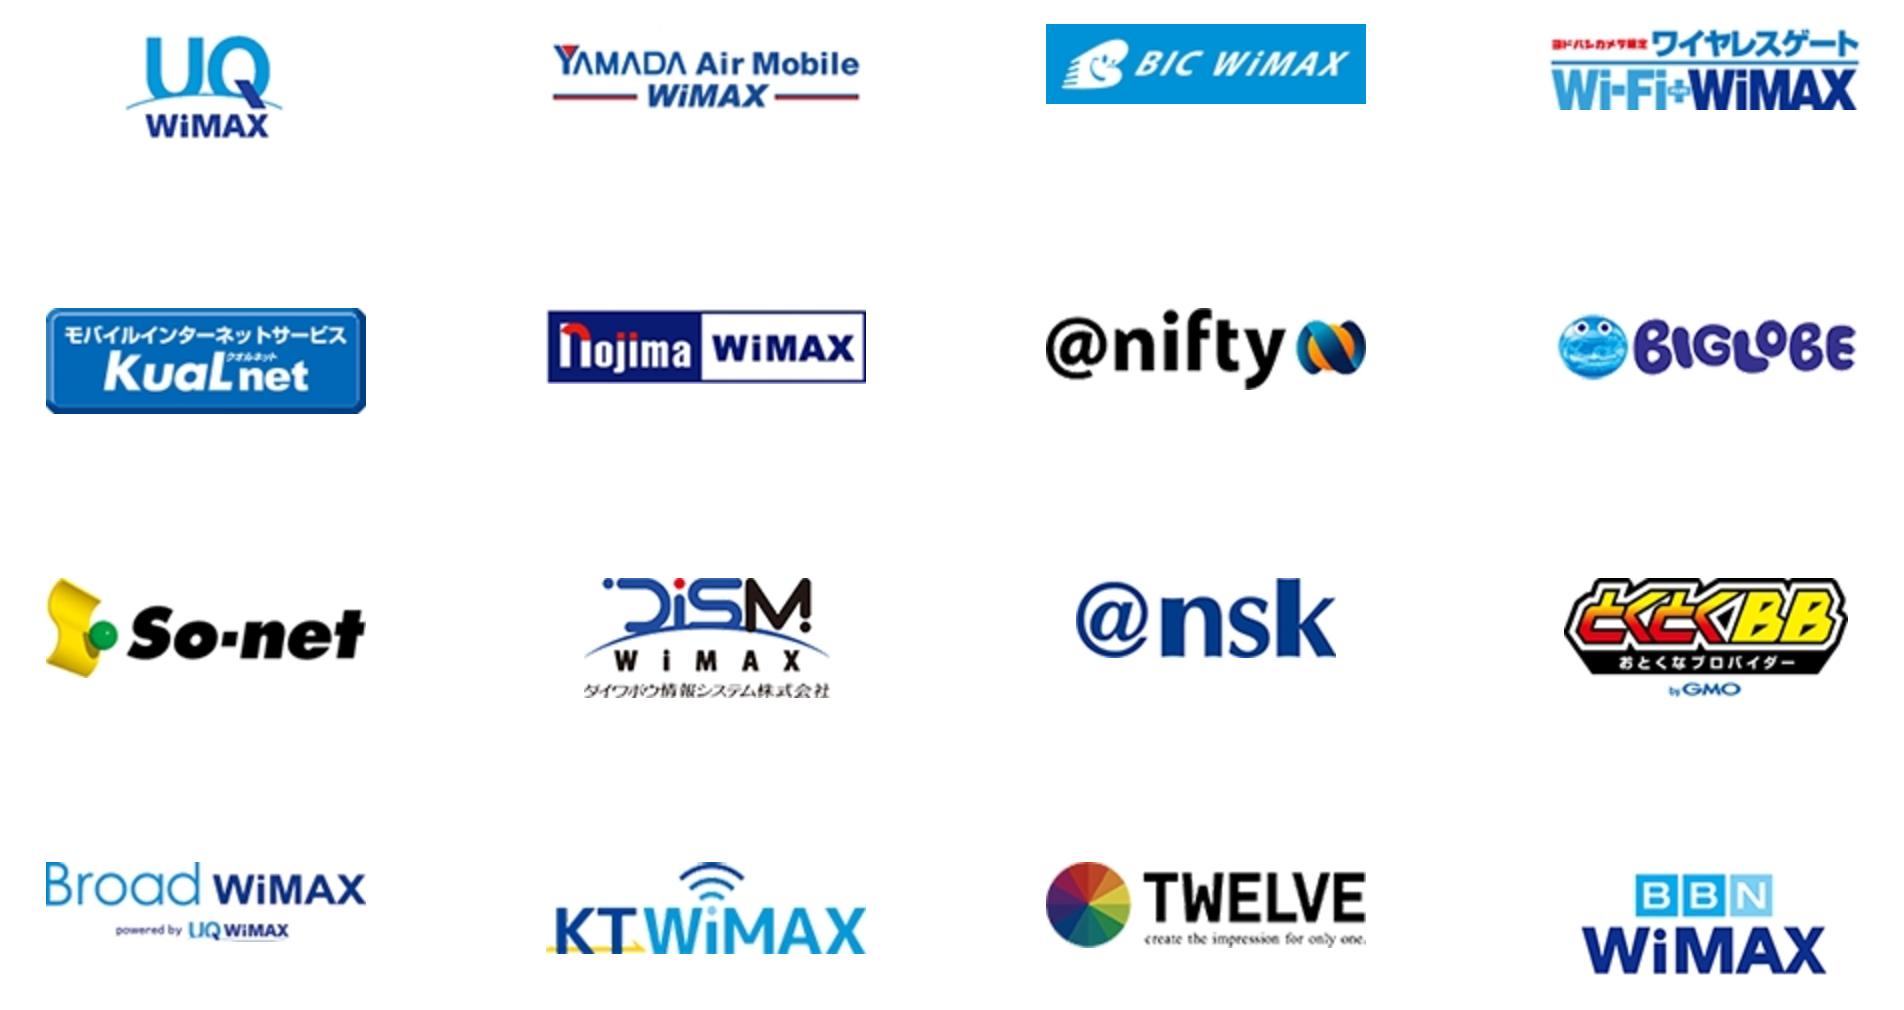 WiMAXプロバイダはたくさんあるが、デビッドカード支払いには対応していない